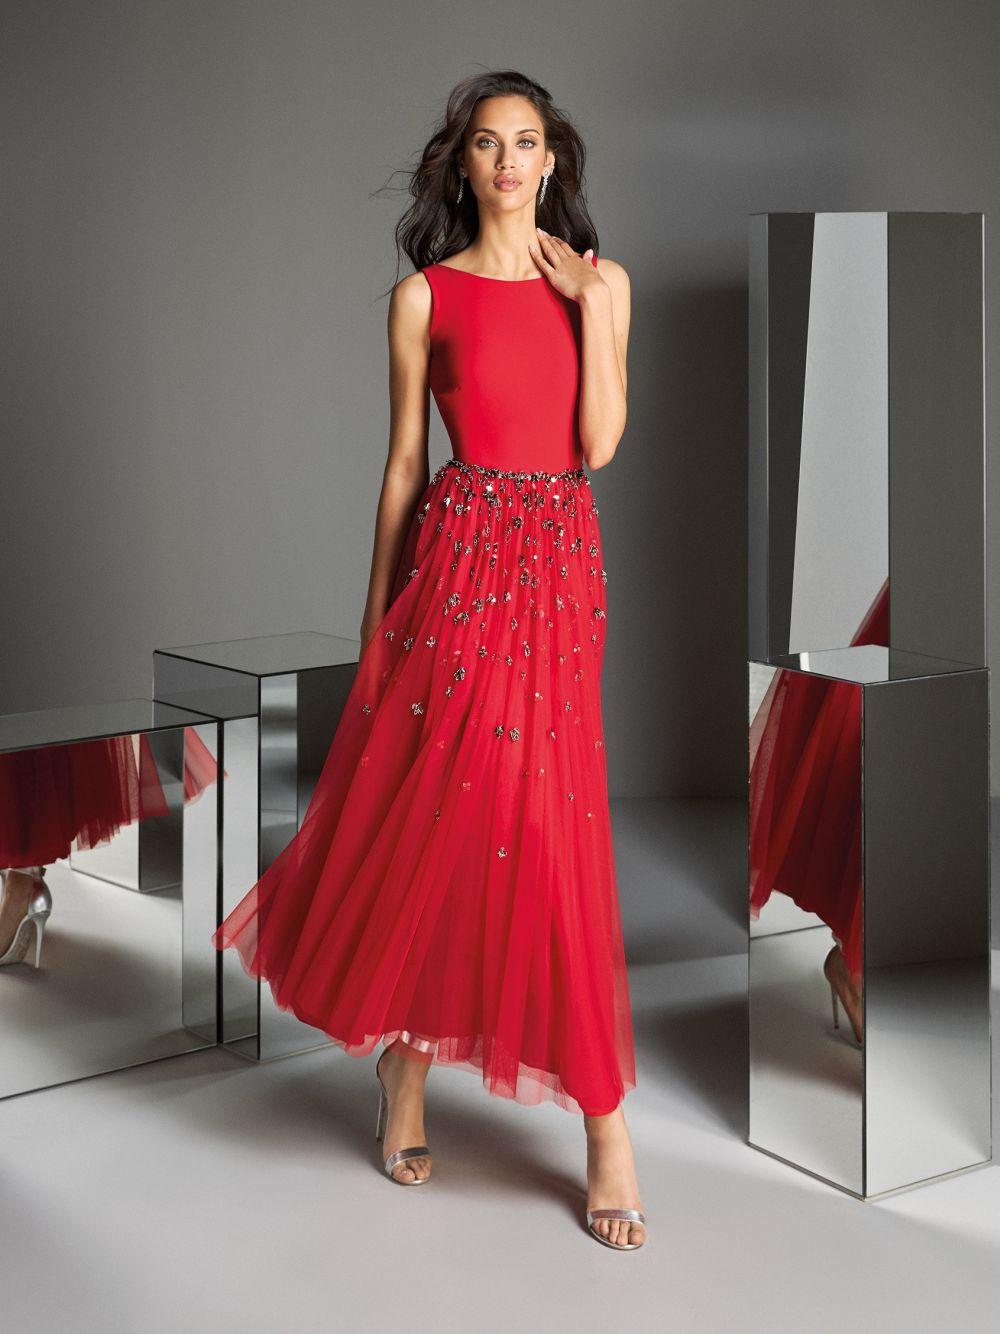 15 Ausgezeichnet Abendkleidung Hannover Stylish15 Wunderbar Abendkleidung Hannover Design